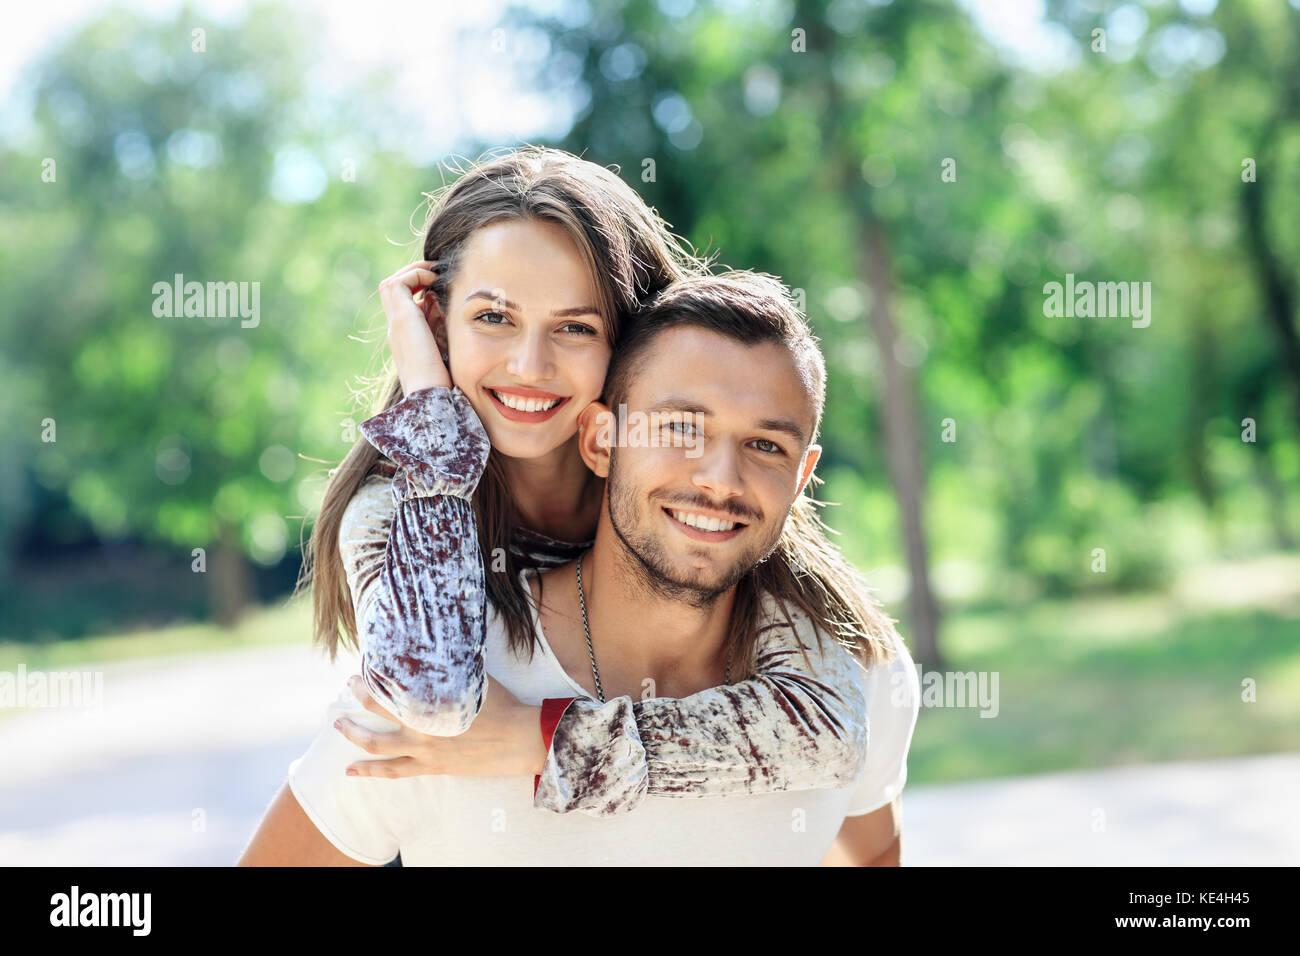 All'esterno ritratto di felici gli amanti del giovane uomo e donna che guarda la fotocamera. Ragazza sorridente Foto Stock